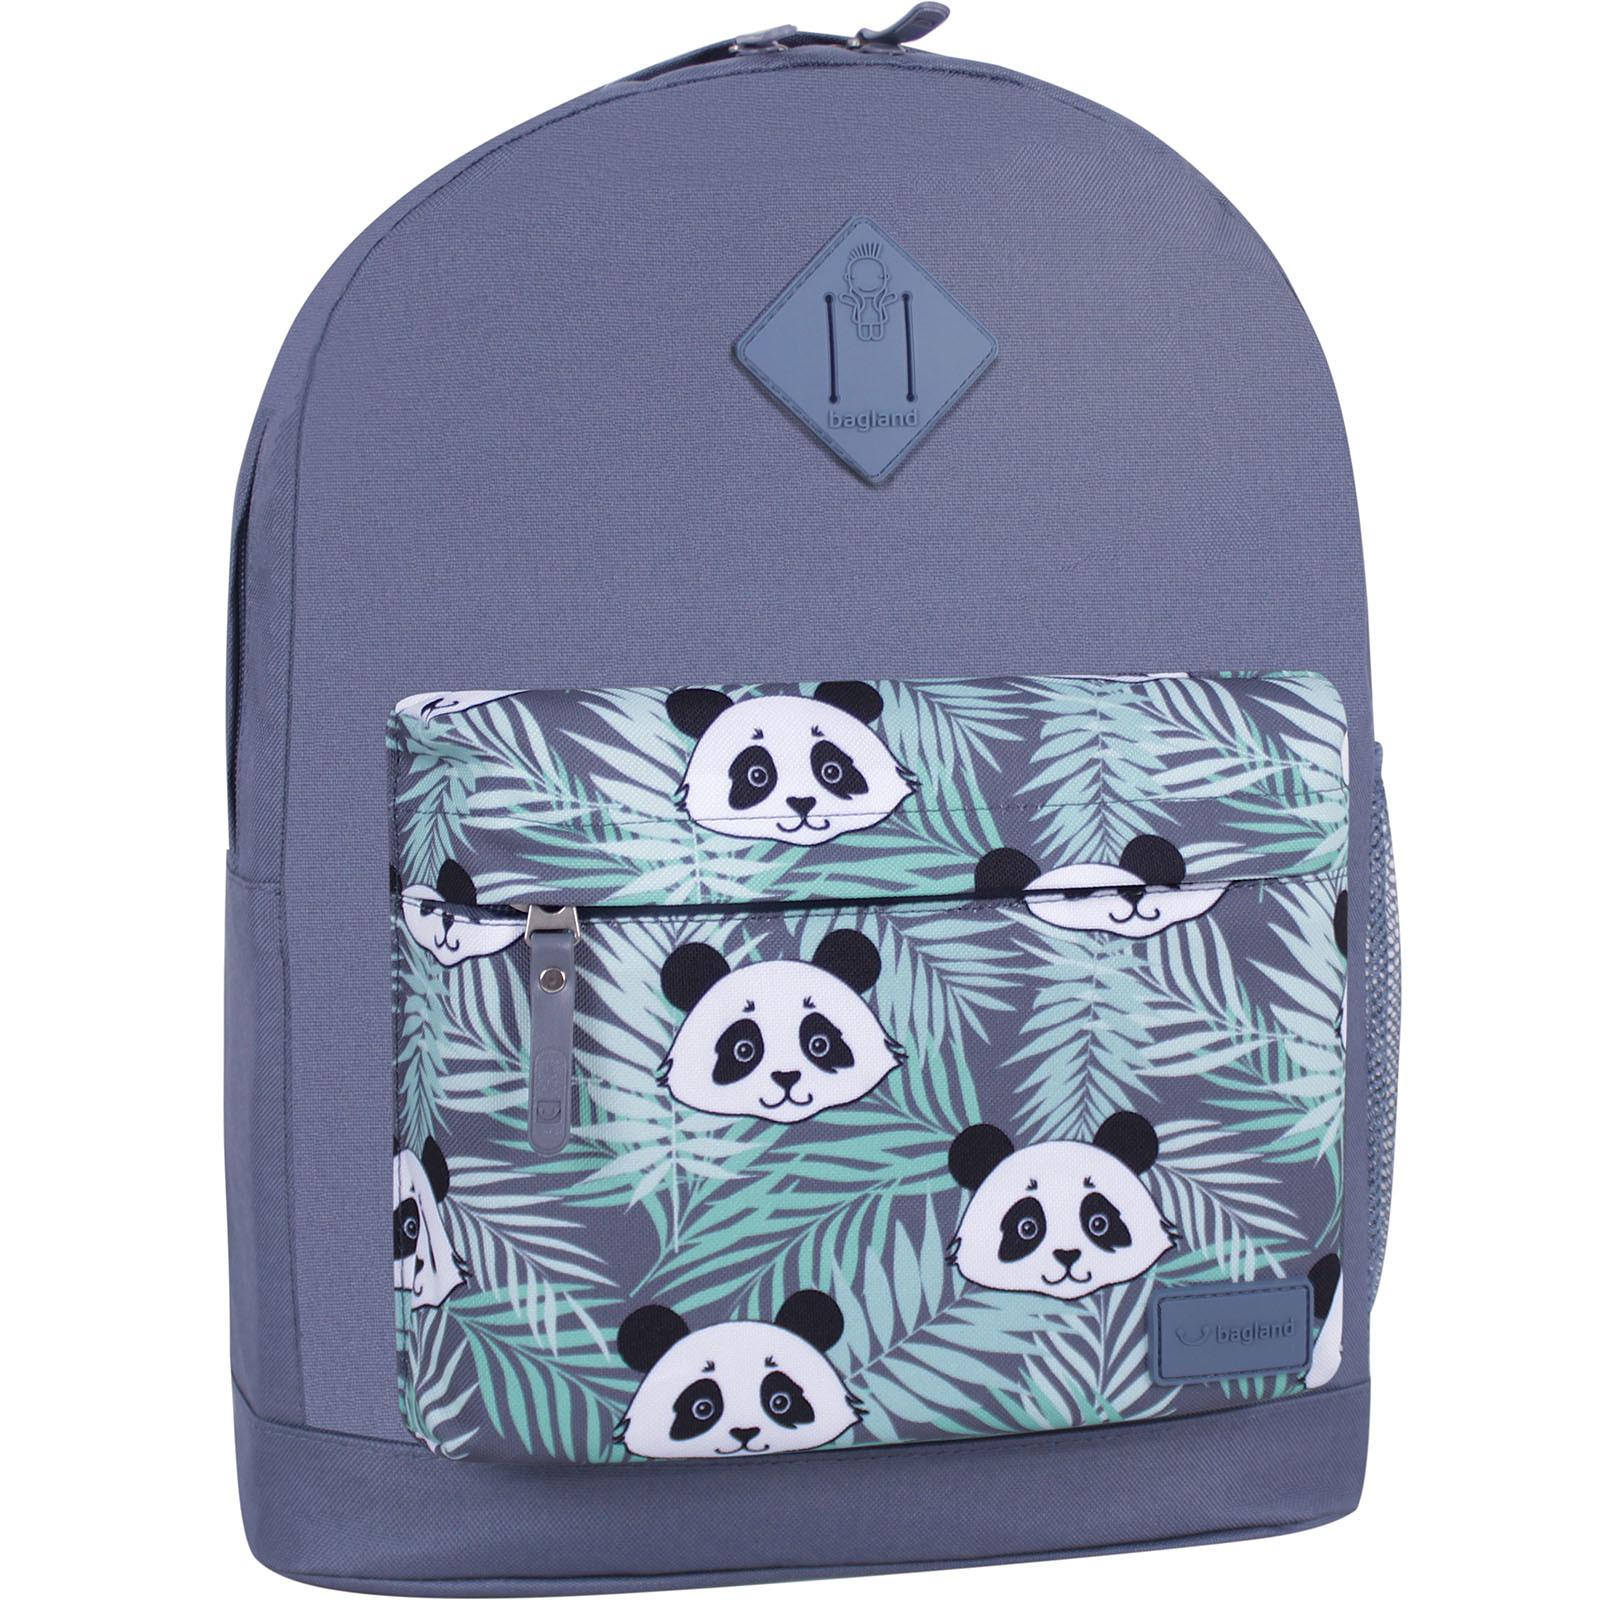 Городские рюкзаки Рюкзак Bagland Молодежный W/R 17 л. Серый 764 (00533662) IMG_6481_суб.764_-1600.jpg